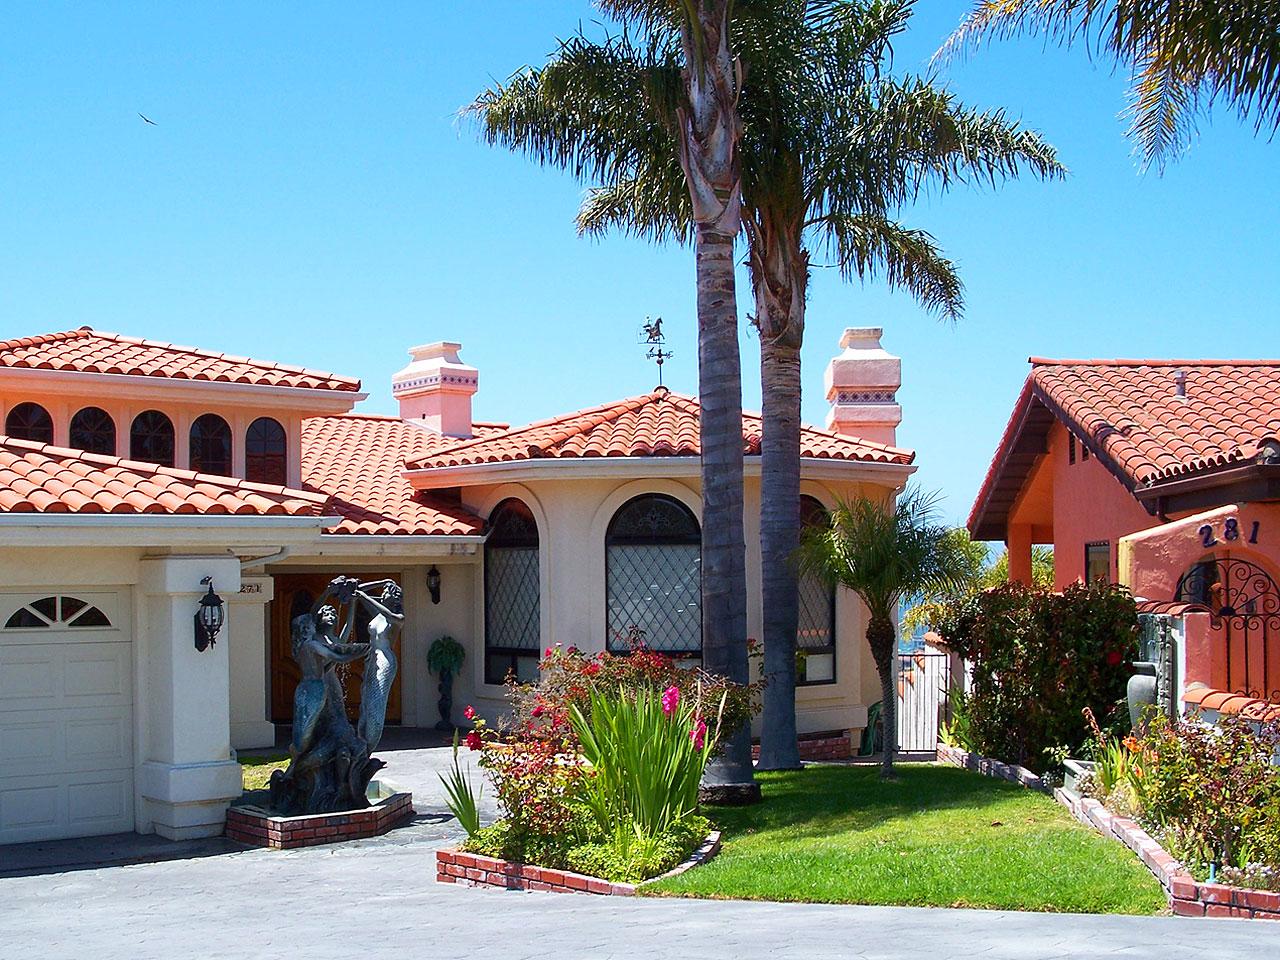 Fotos de casas im genes casas y fachadas fotos de casas for Fotos de casas modernas con tejas